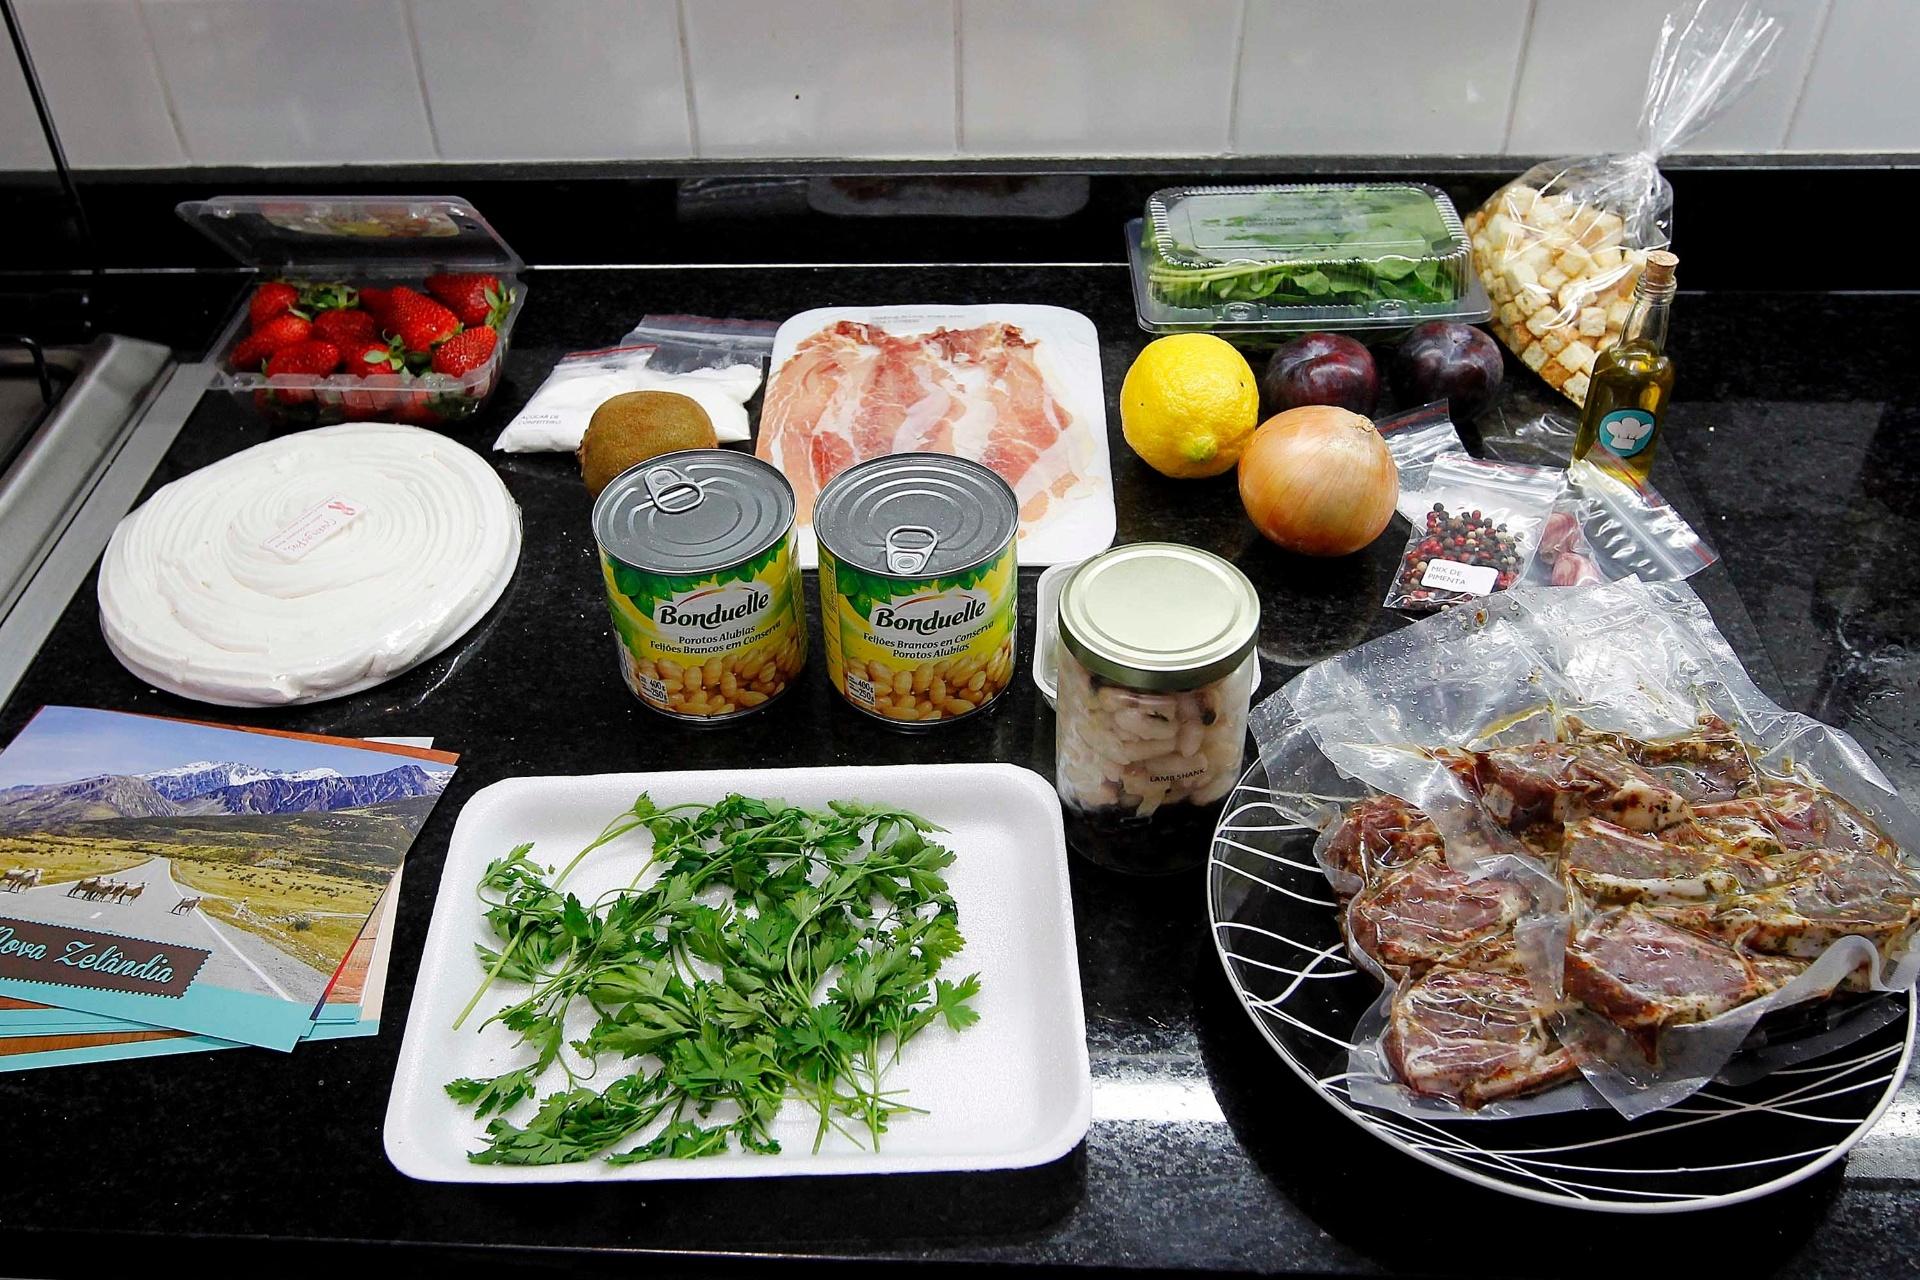 Empresas criam kits que ajudam a preparar comida de chef for Preparar comida